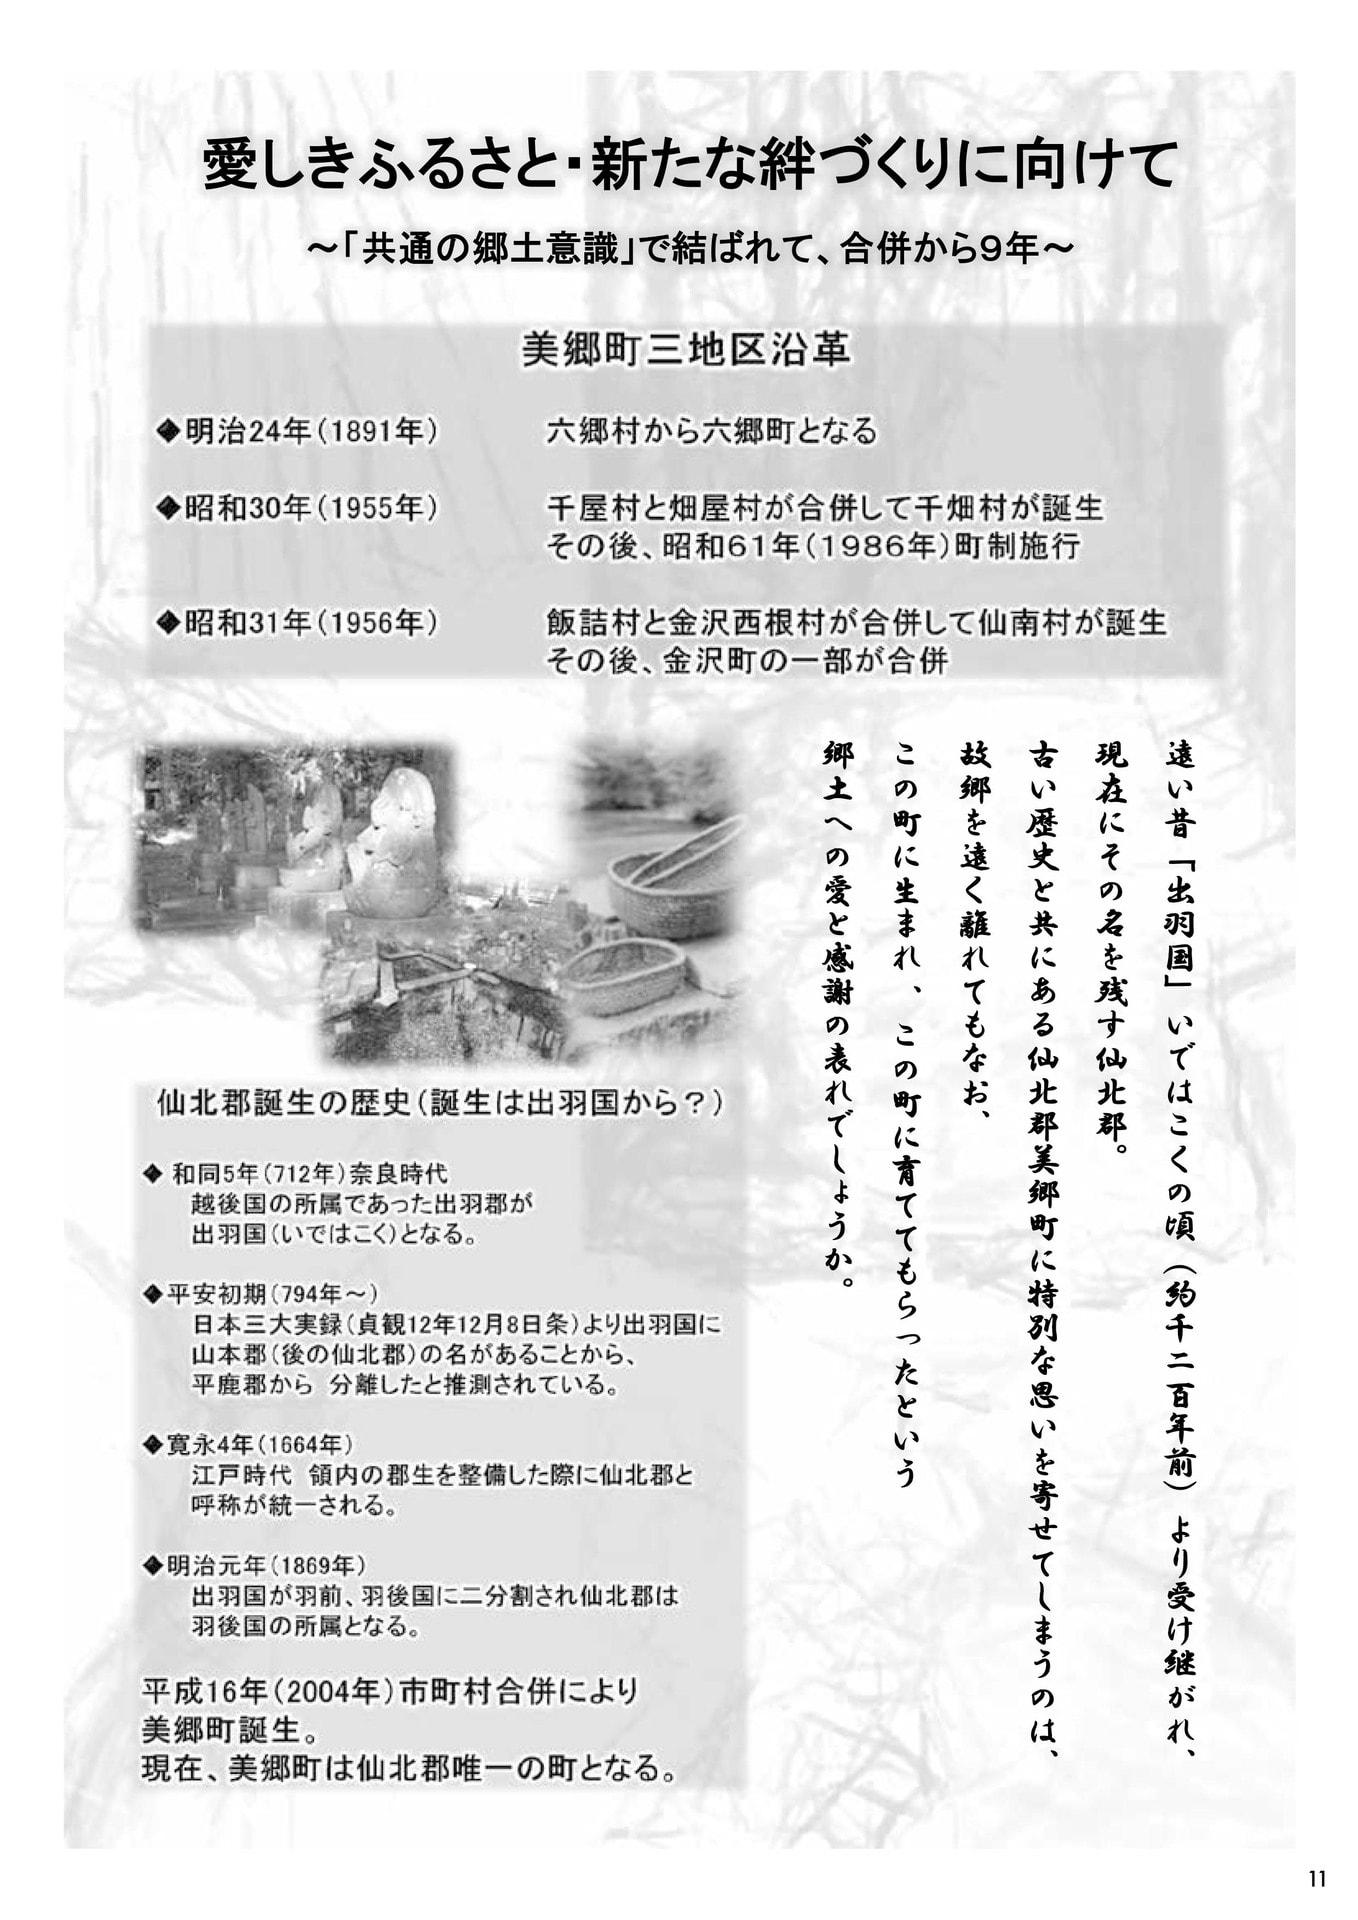 第1回秋田・美郷町ふるさと会パンフレット(美郷町三地区沿革、仙北郡誕生の歴史)